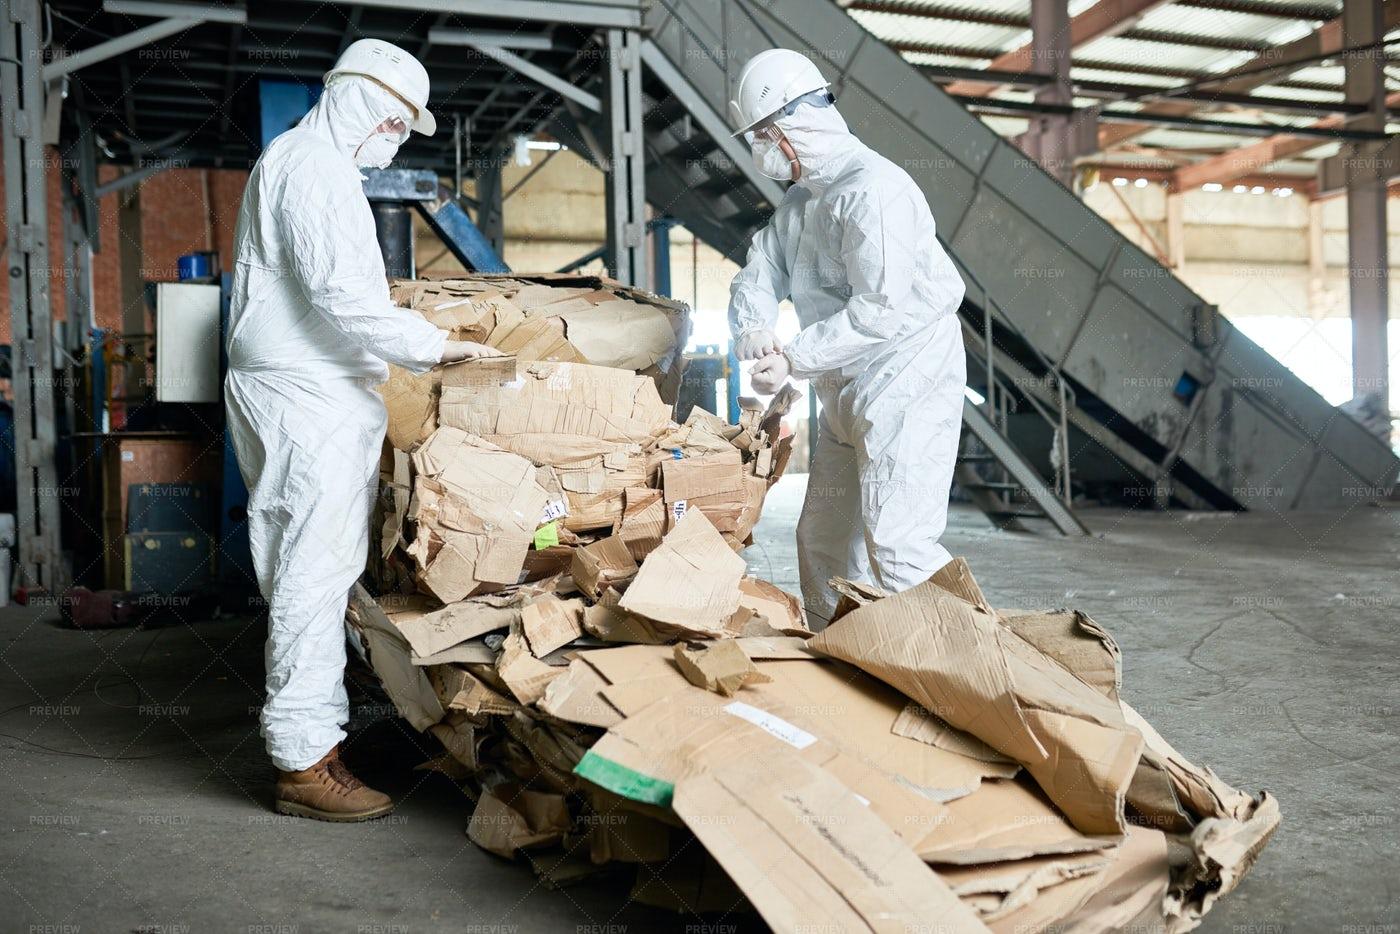 Workers In Hazmat Suits Sorting...: Stock Photos